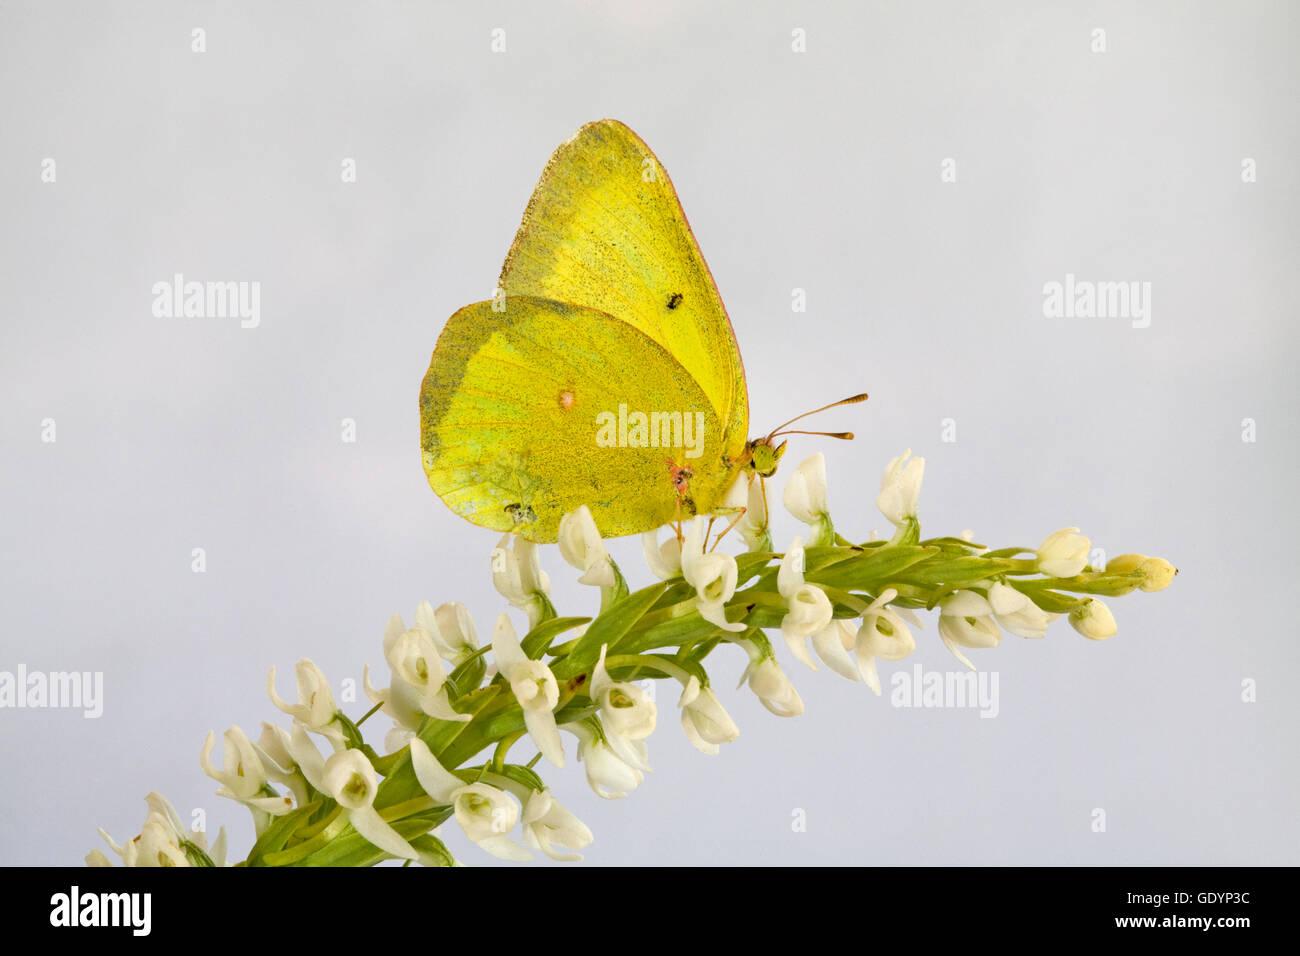 Ein Schmetterling getrübten Schwefel, Colias Philodice, Einnahme von Nektar aus einer Blume Stockbild